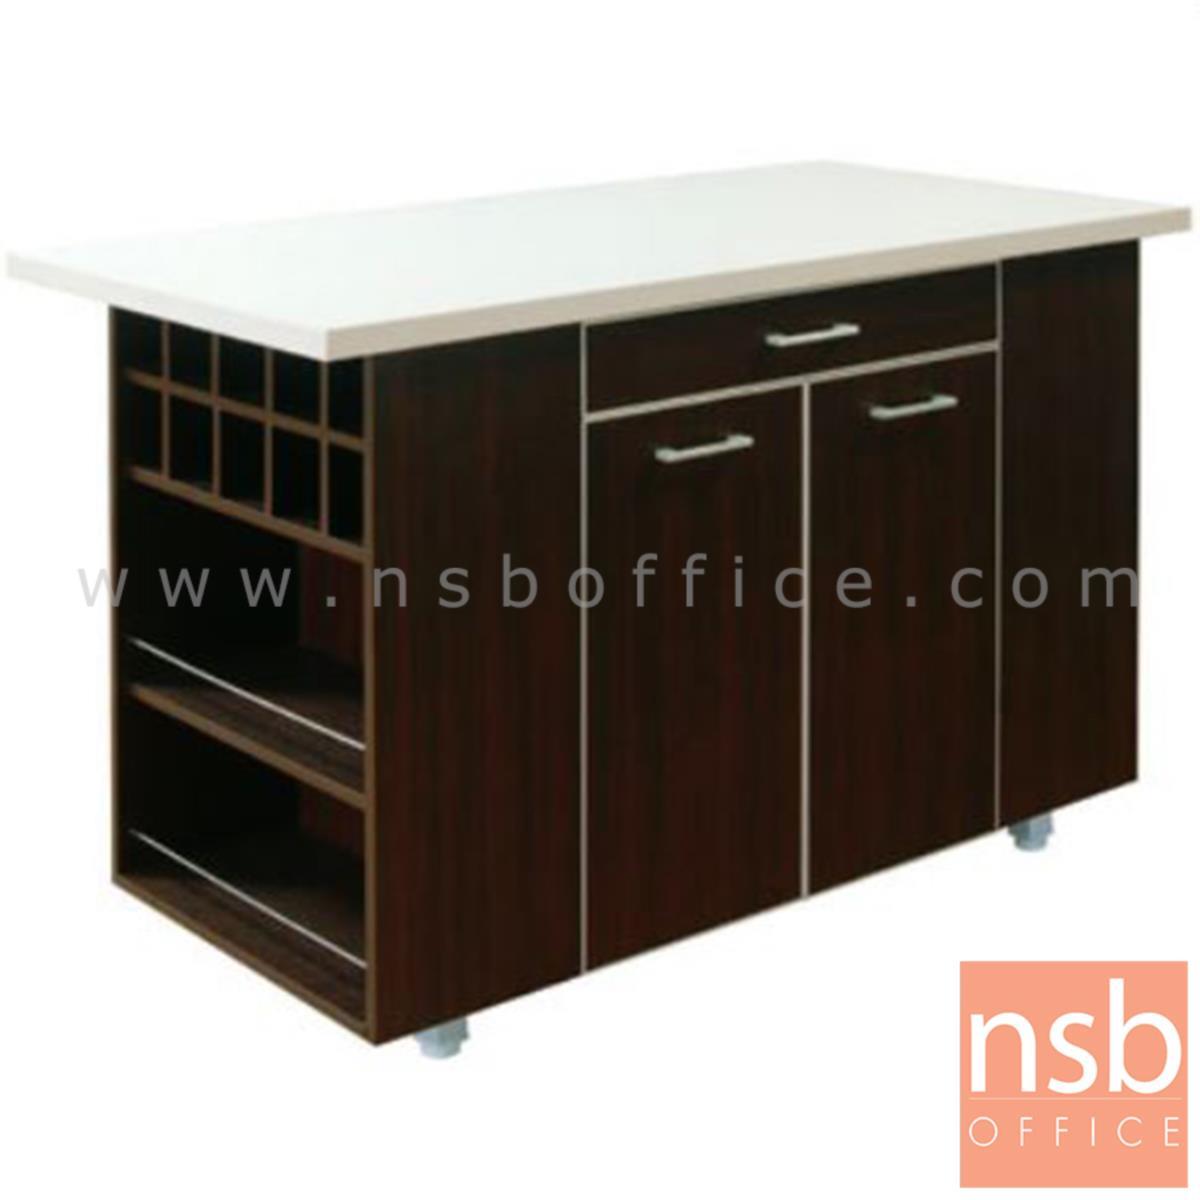 K01A010:โต๊ะวางของกลางครัว 150 ซม. รุ่น Hilmar มีถาดวางอุปกรณ์